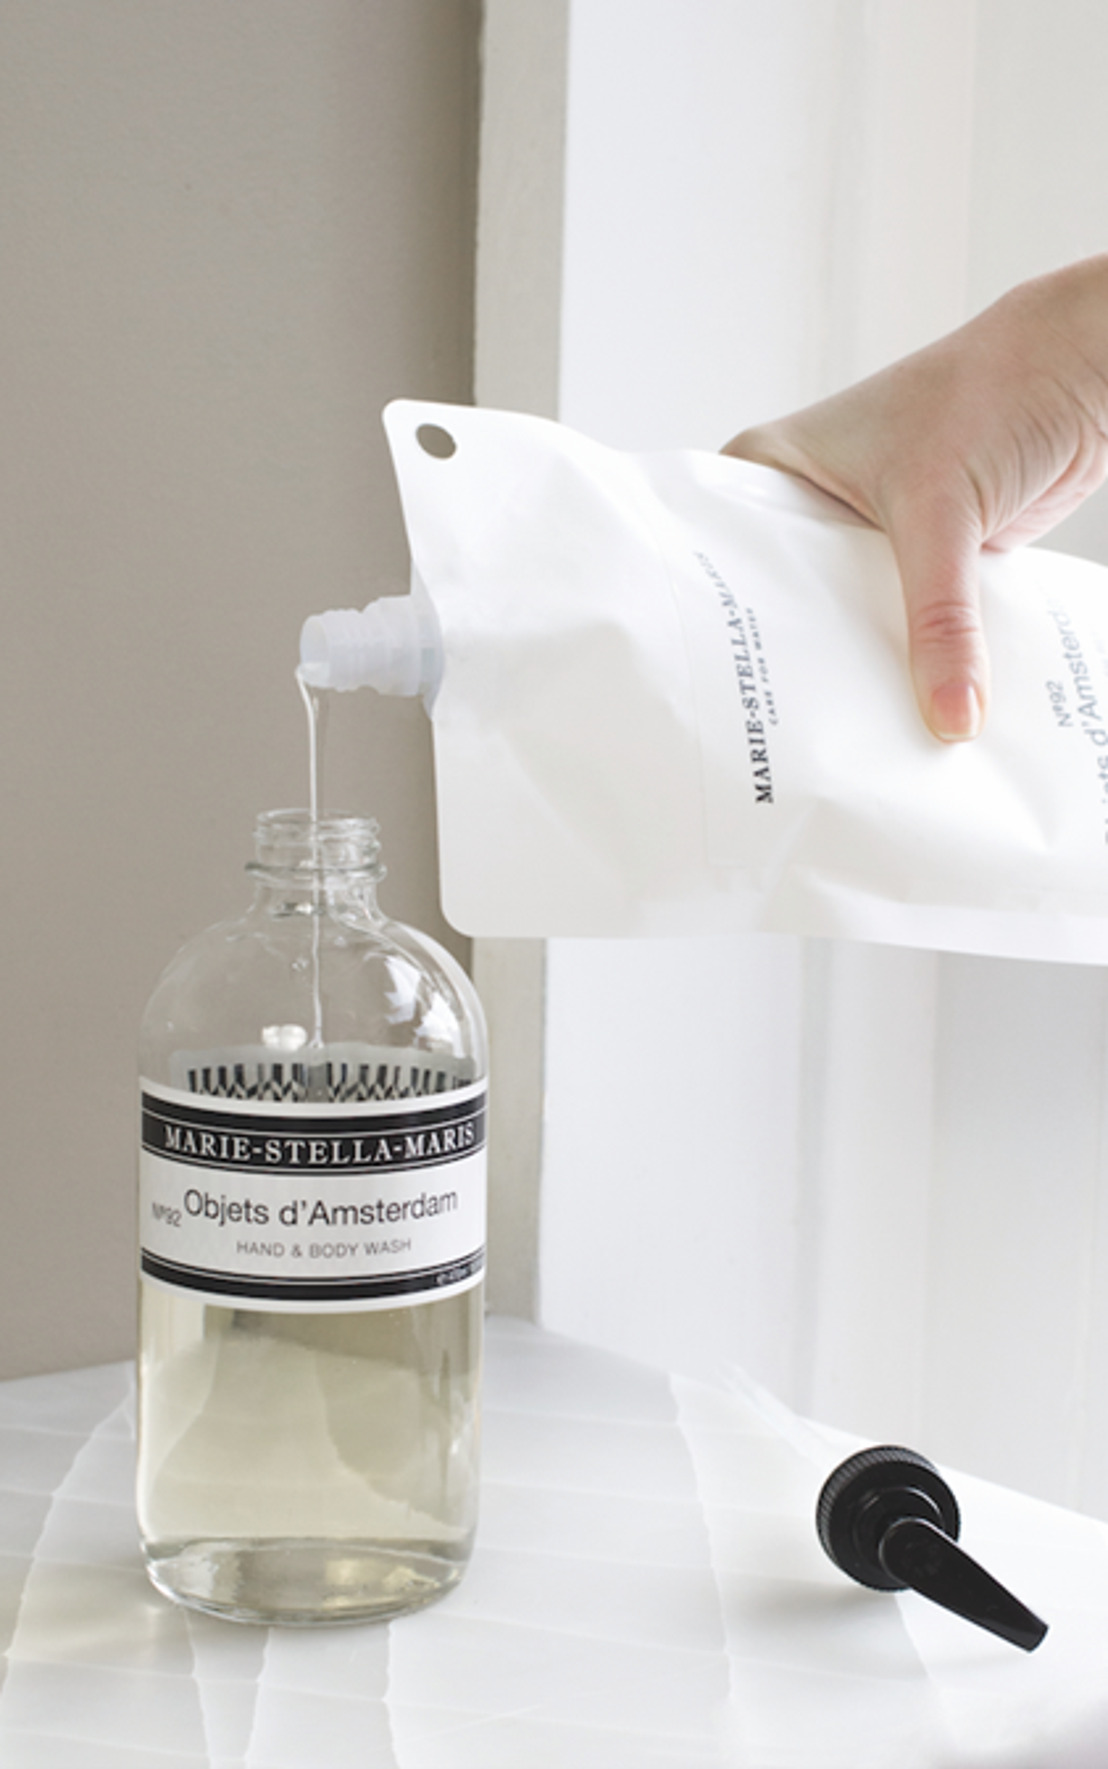 Marie-Stella-Maris introduceert gloednieuwe refill verpakking voor hand- en lichaamszeep